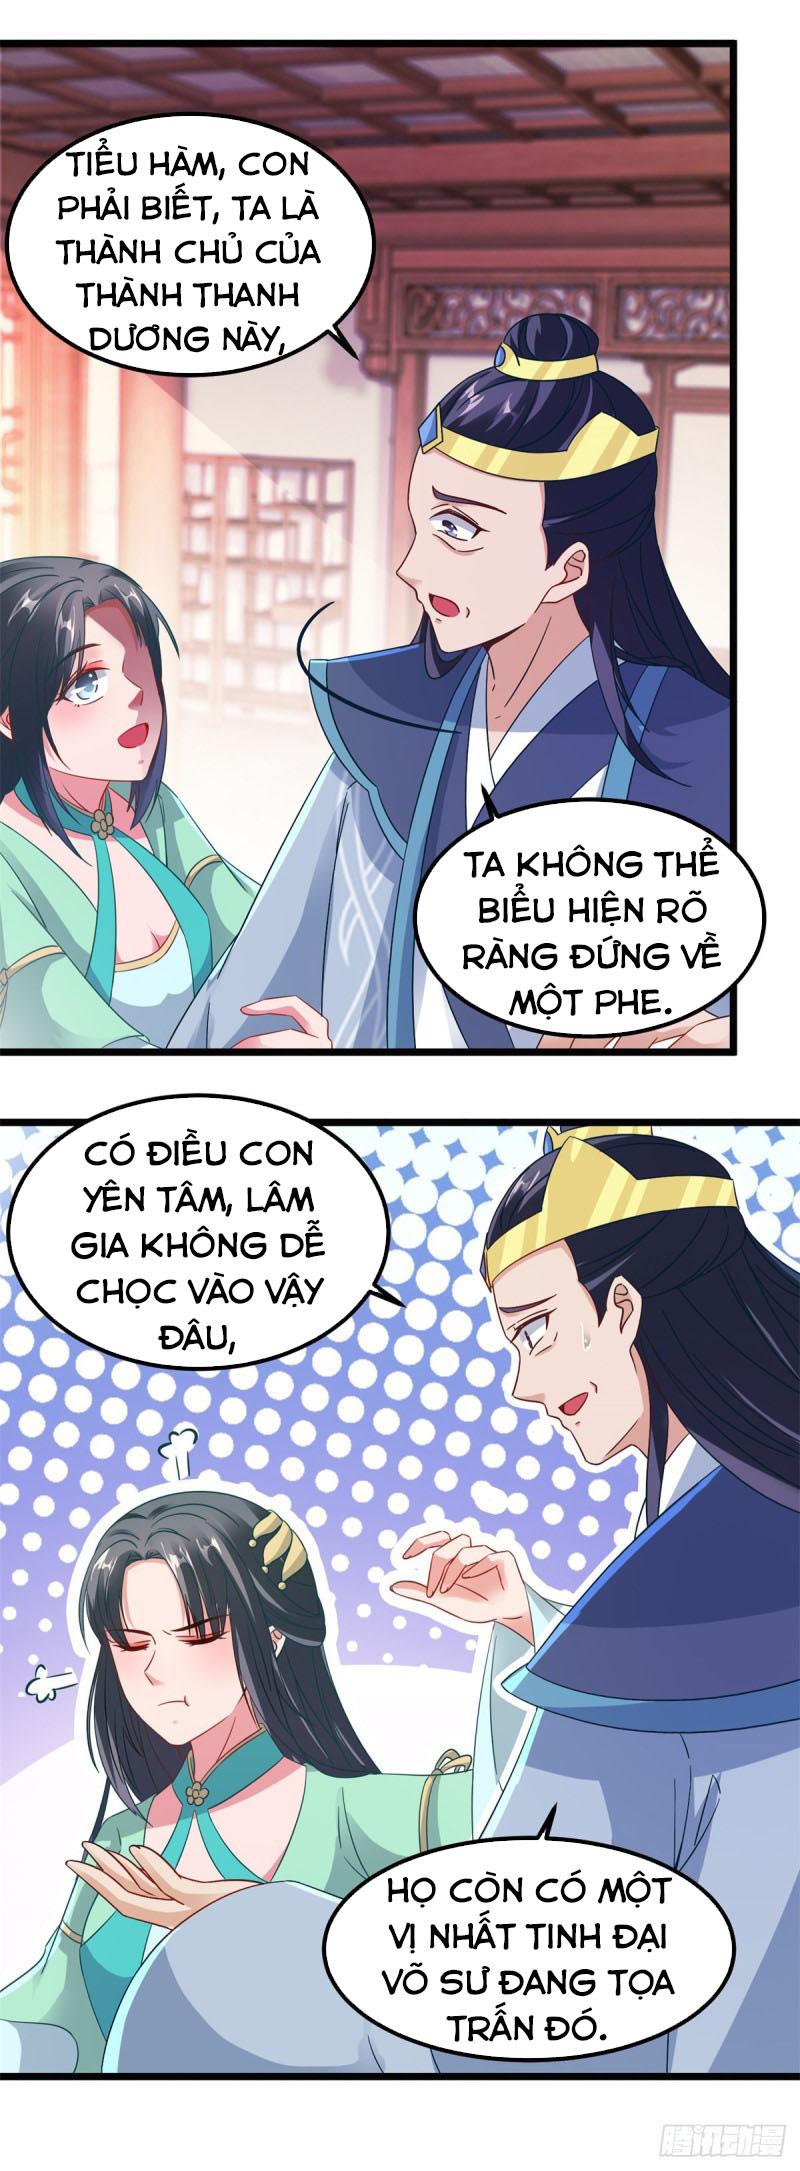 Thần Hồn Võ Đế chap 106 - Trang 9